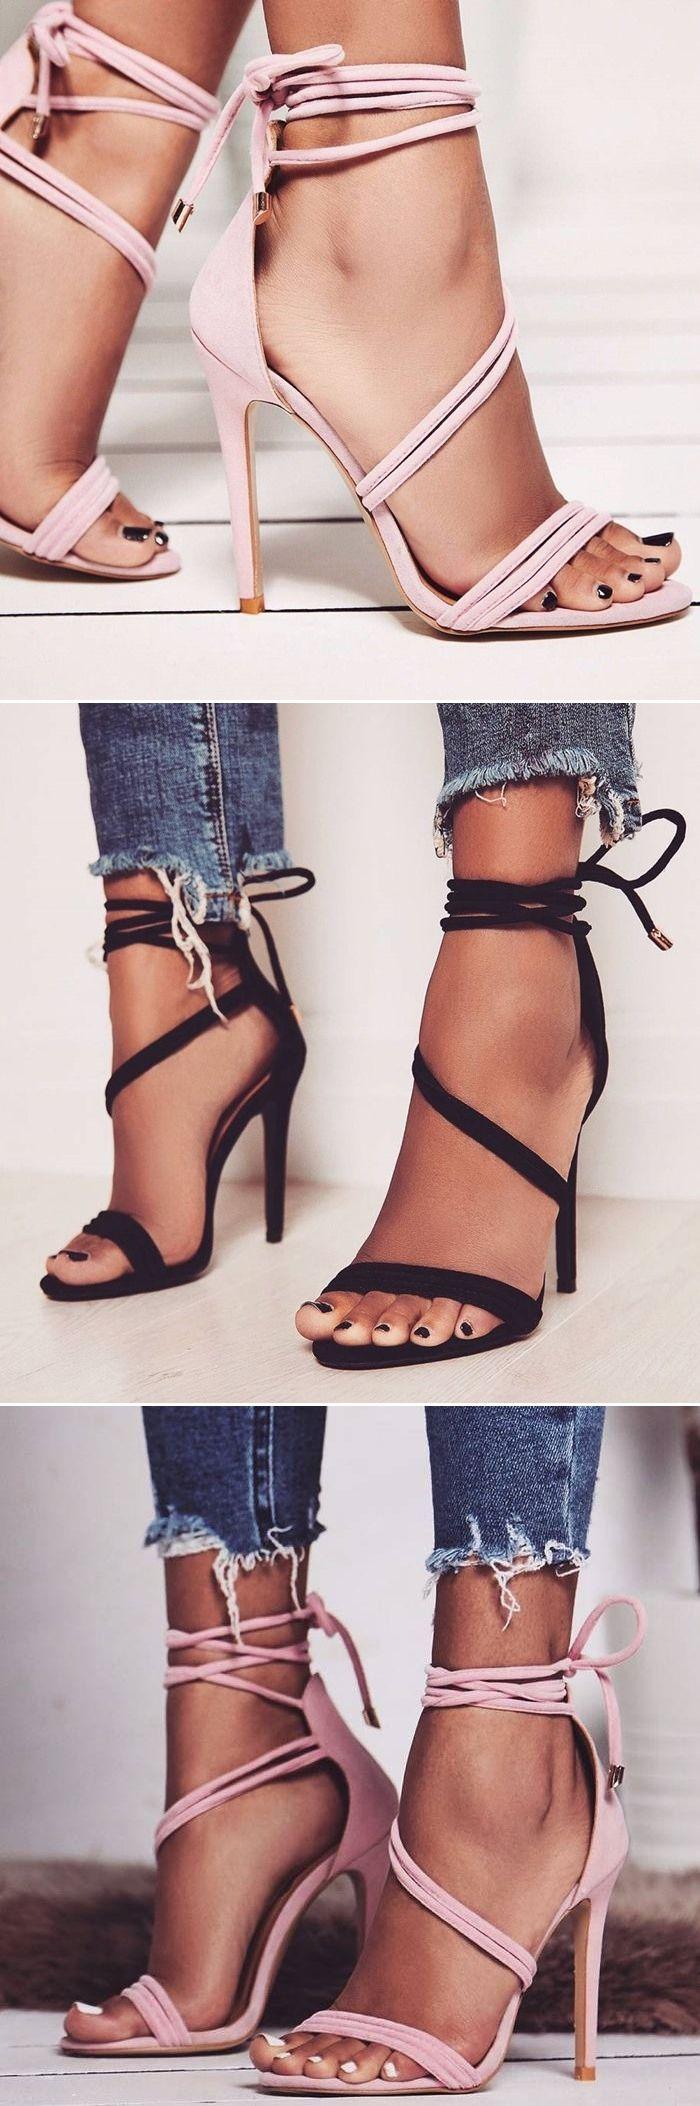 Heels, High heel sandals, Women shoes